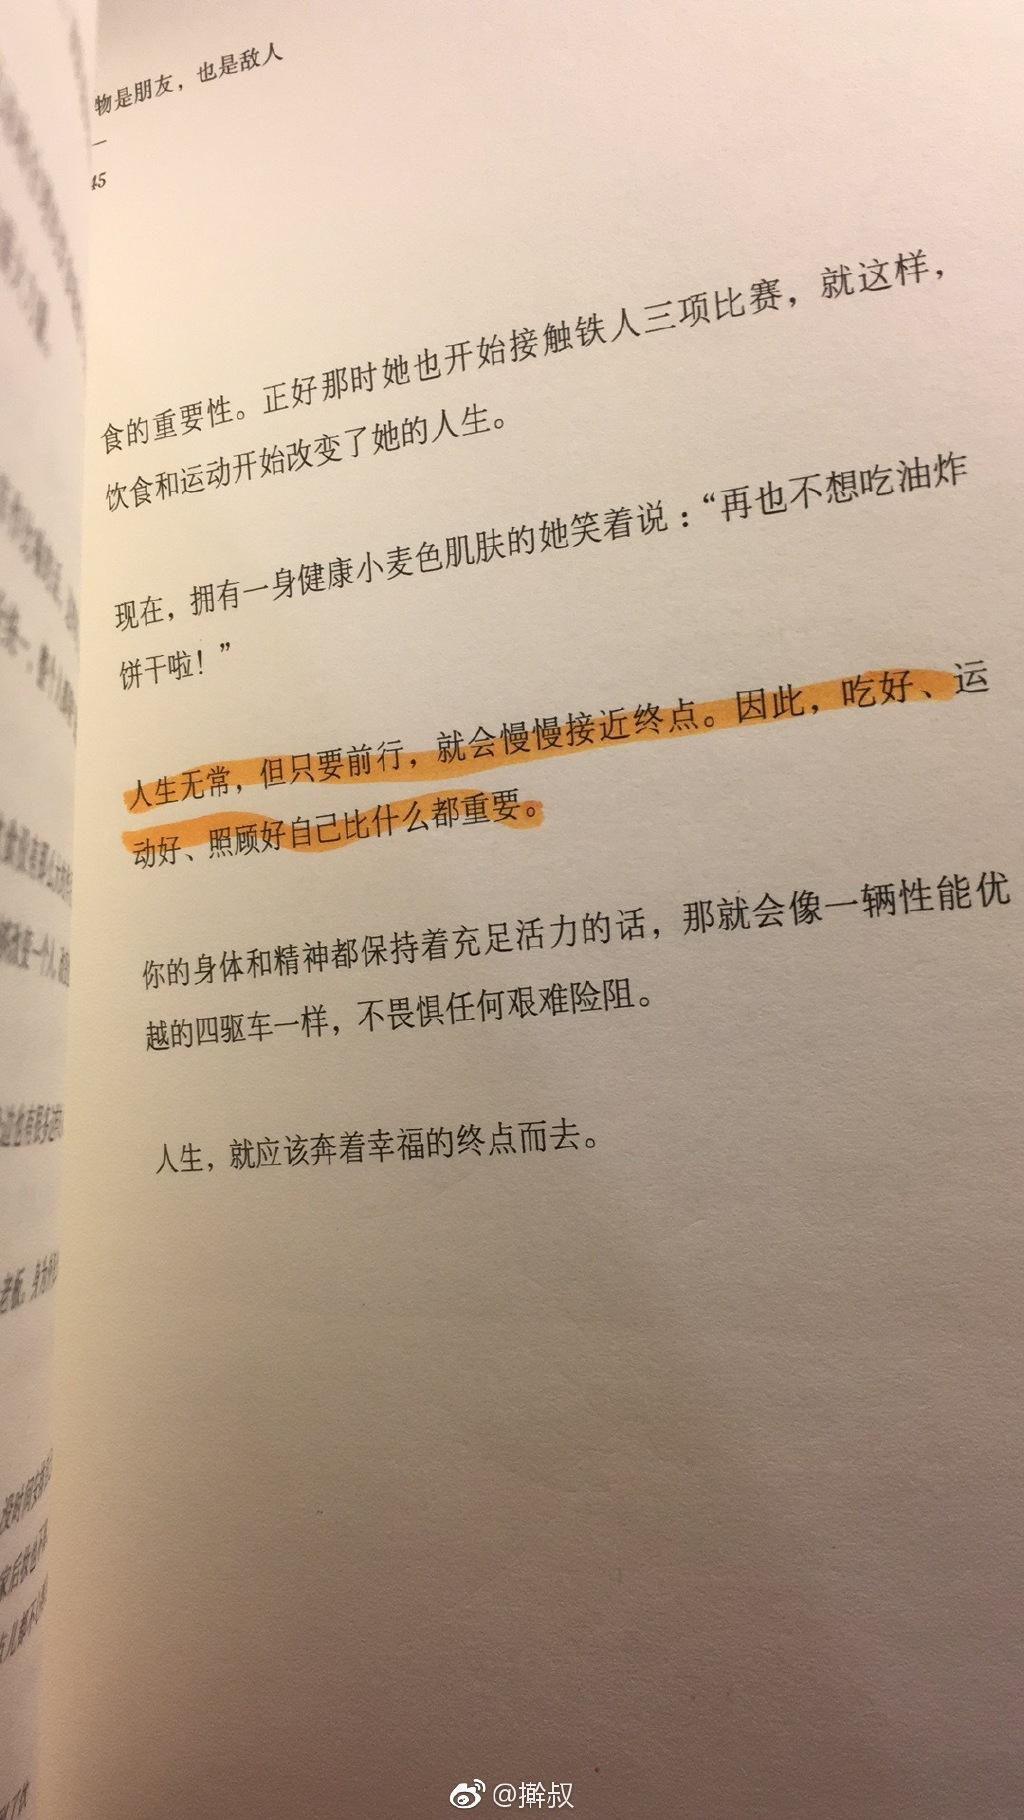 2018 青年福利微刊第 70 期:说不上恨别揪蝉,别装作感叹 